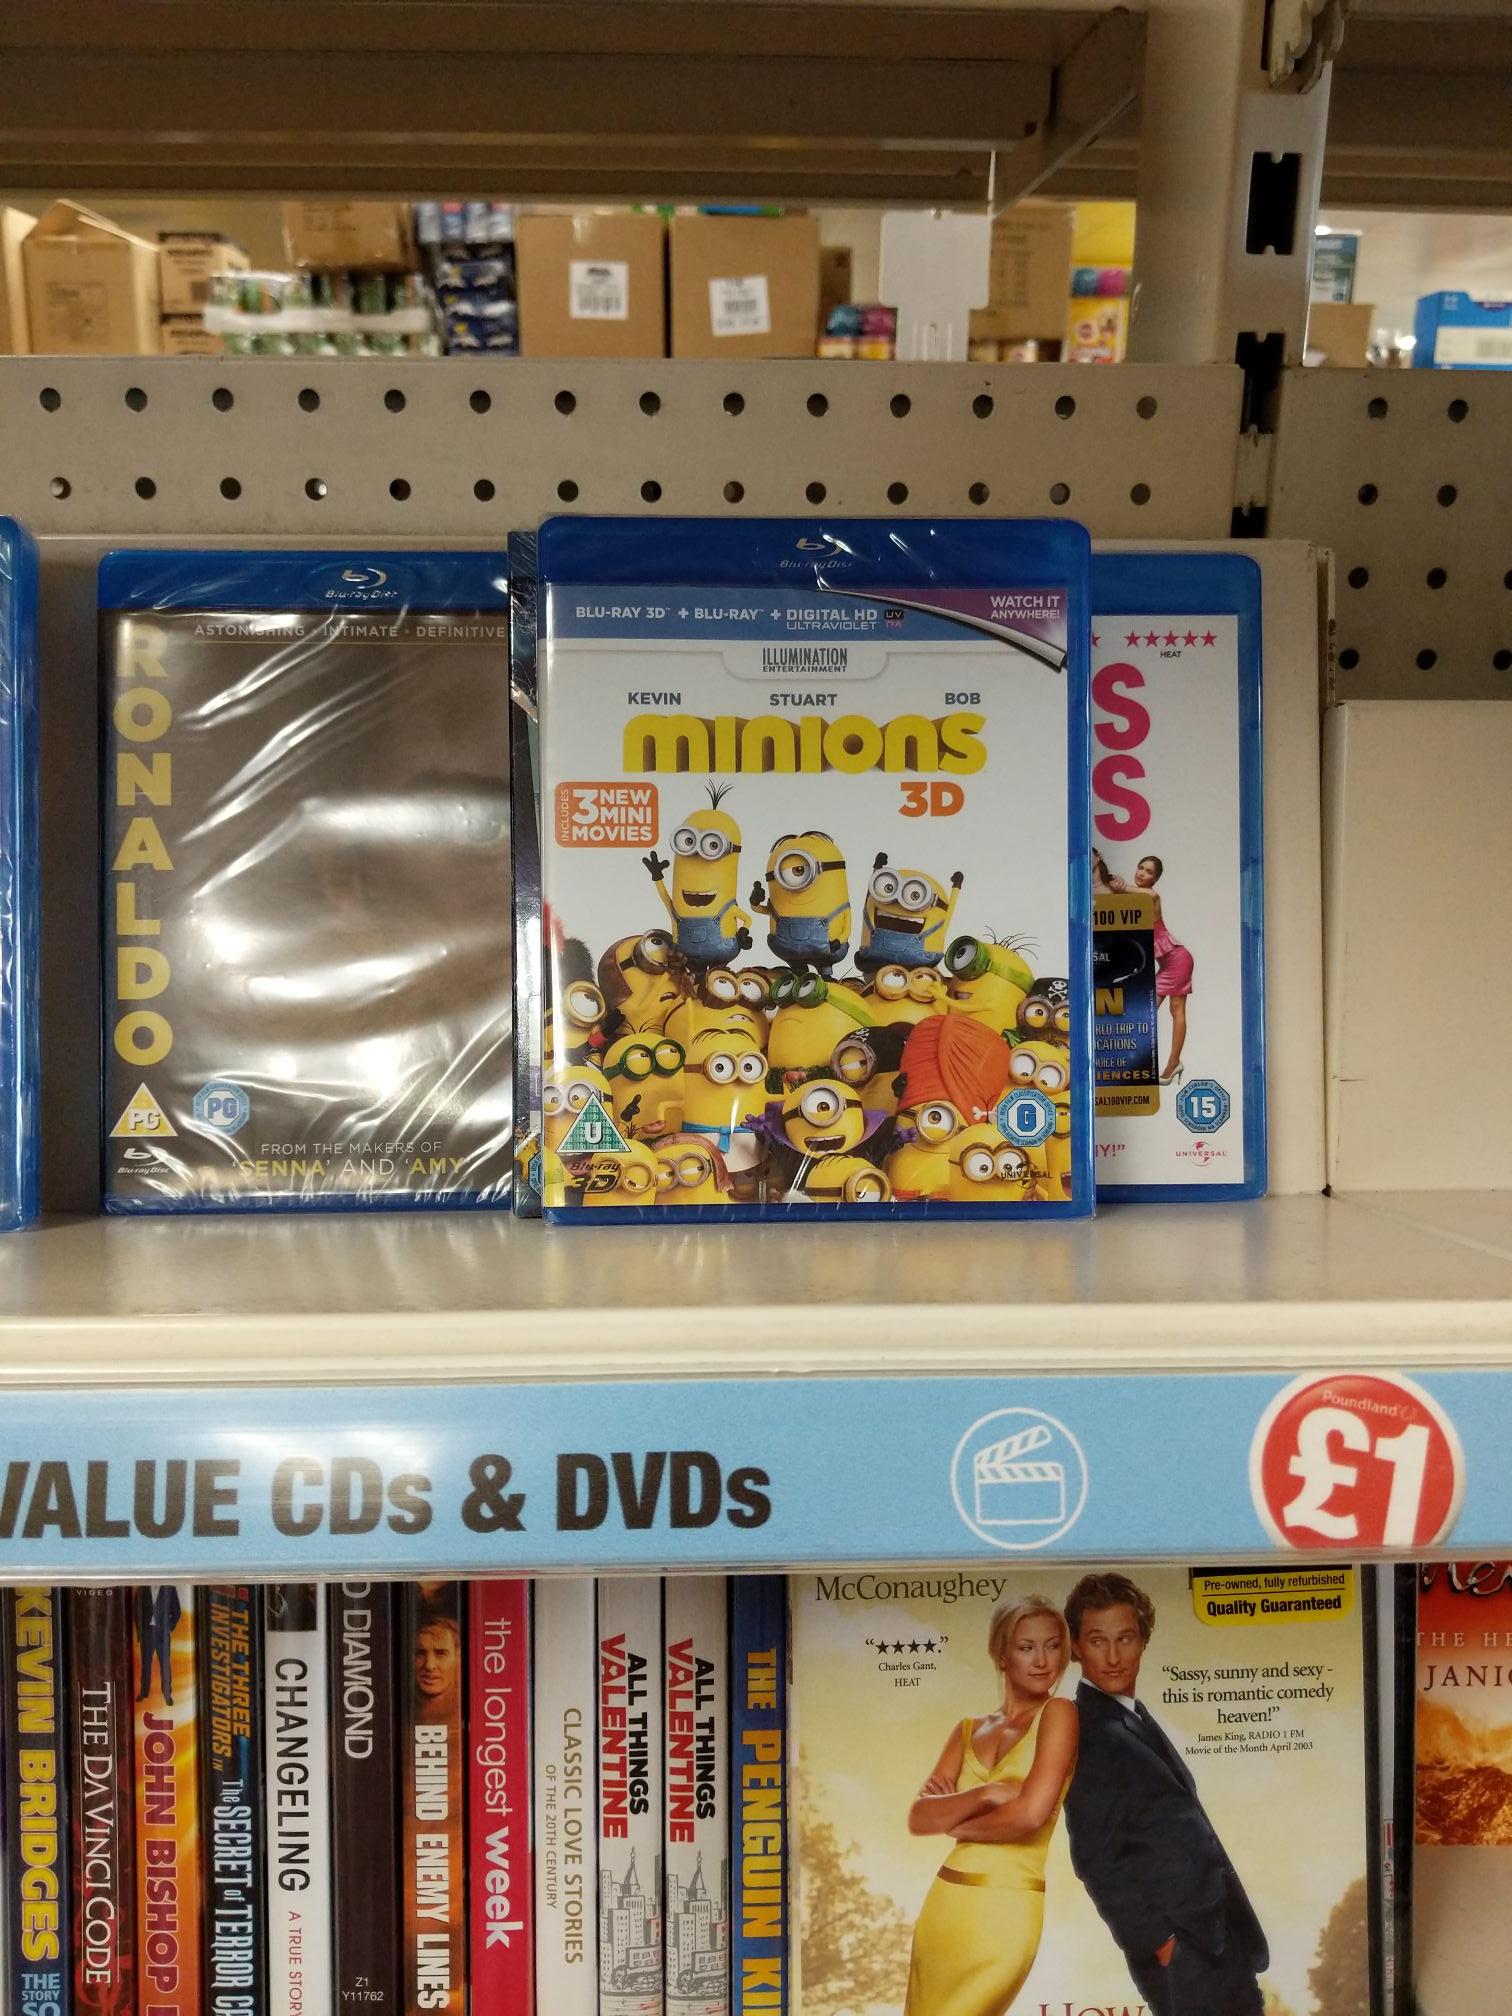 Minions 3D Blu Ray - £1 (new) at Poundland